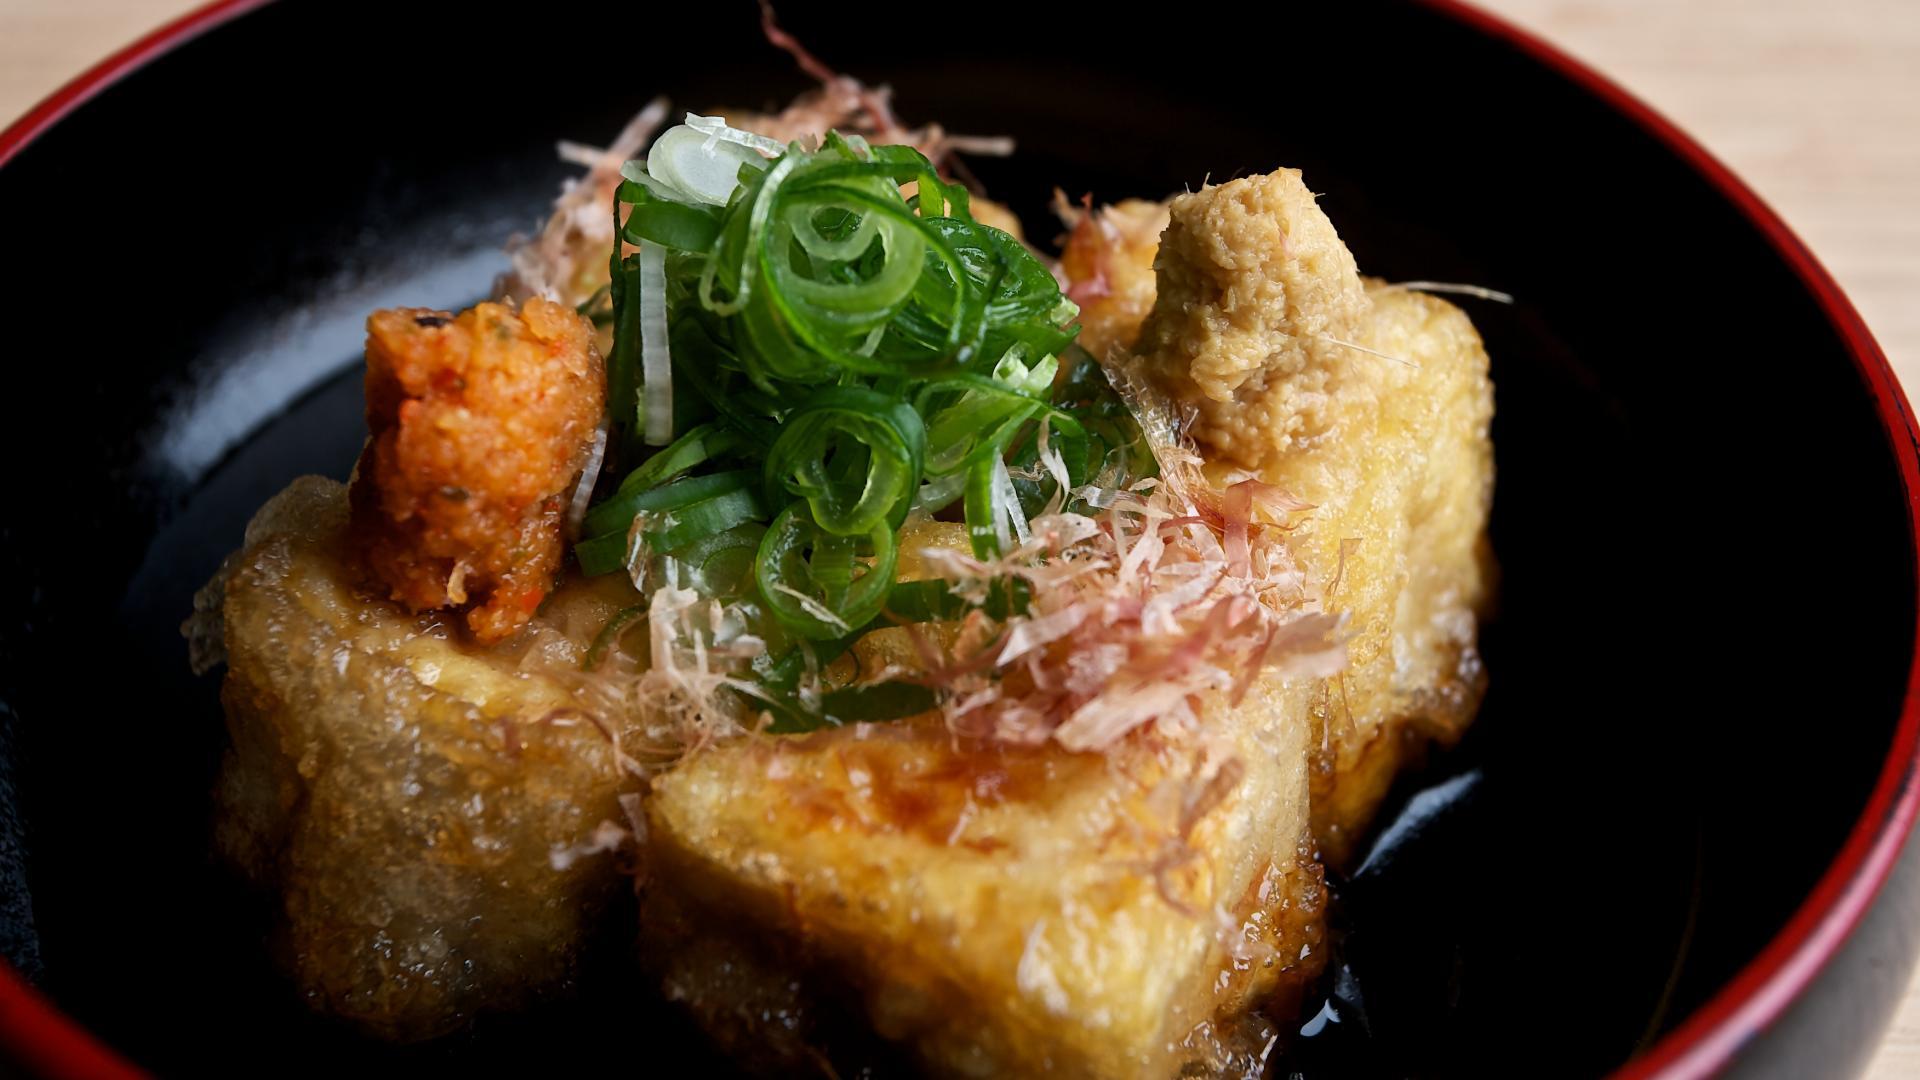 japanische Ernährung, japanische Küche, japansiche Lebensmittel, Tofu